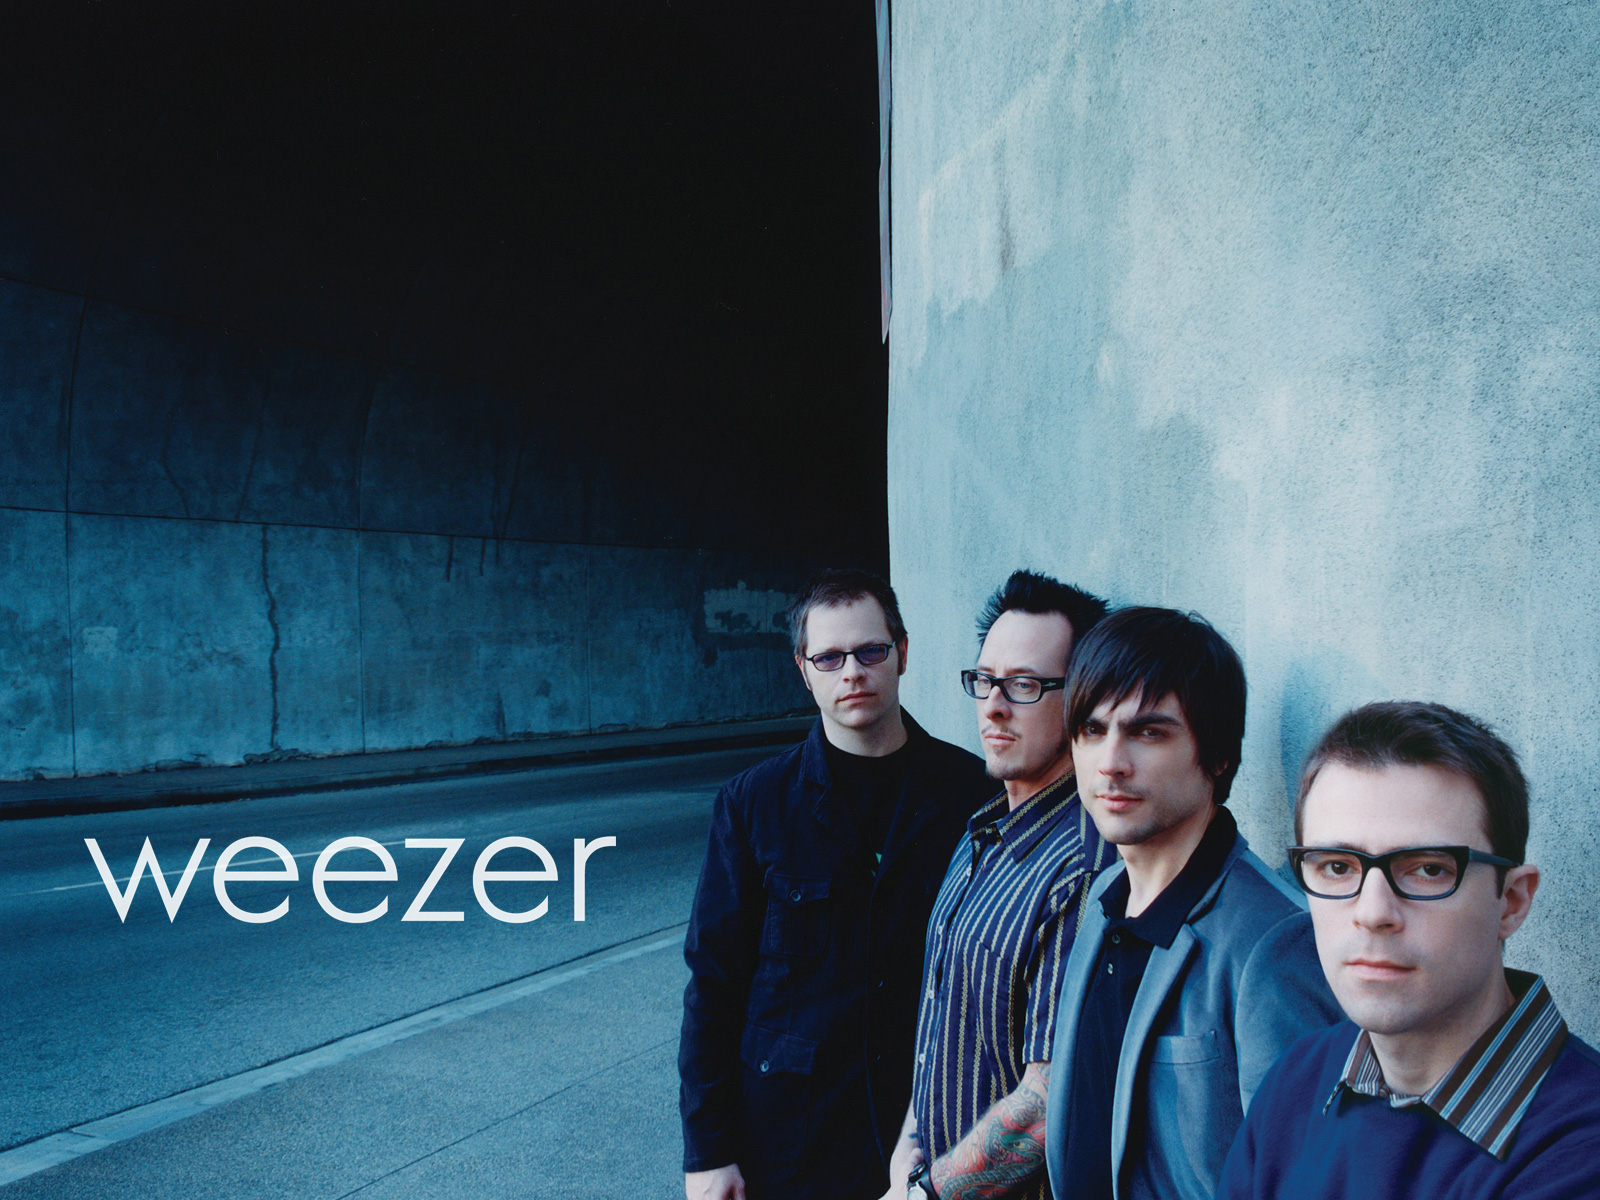 High Resolution Wallpaper | Weezer 1600x1200 px